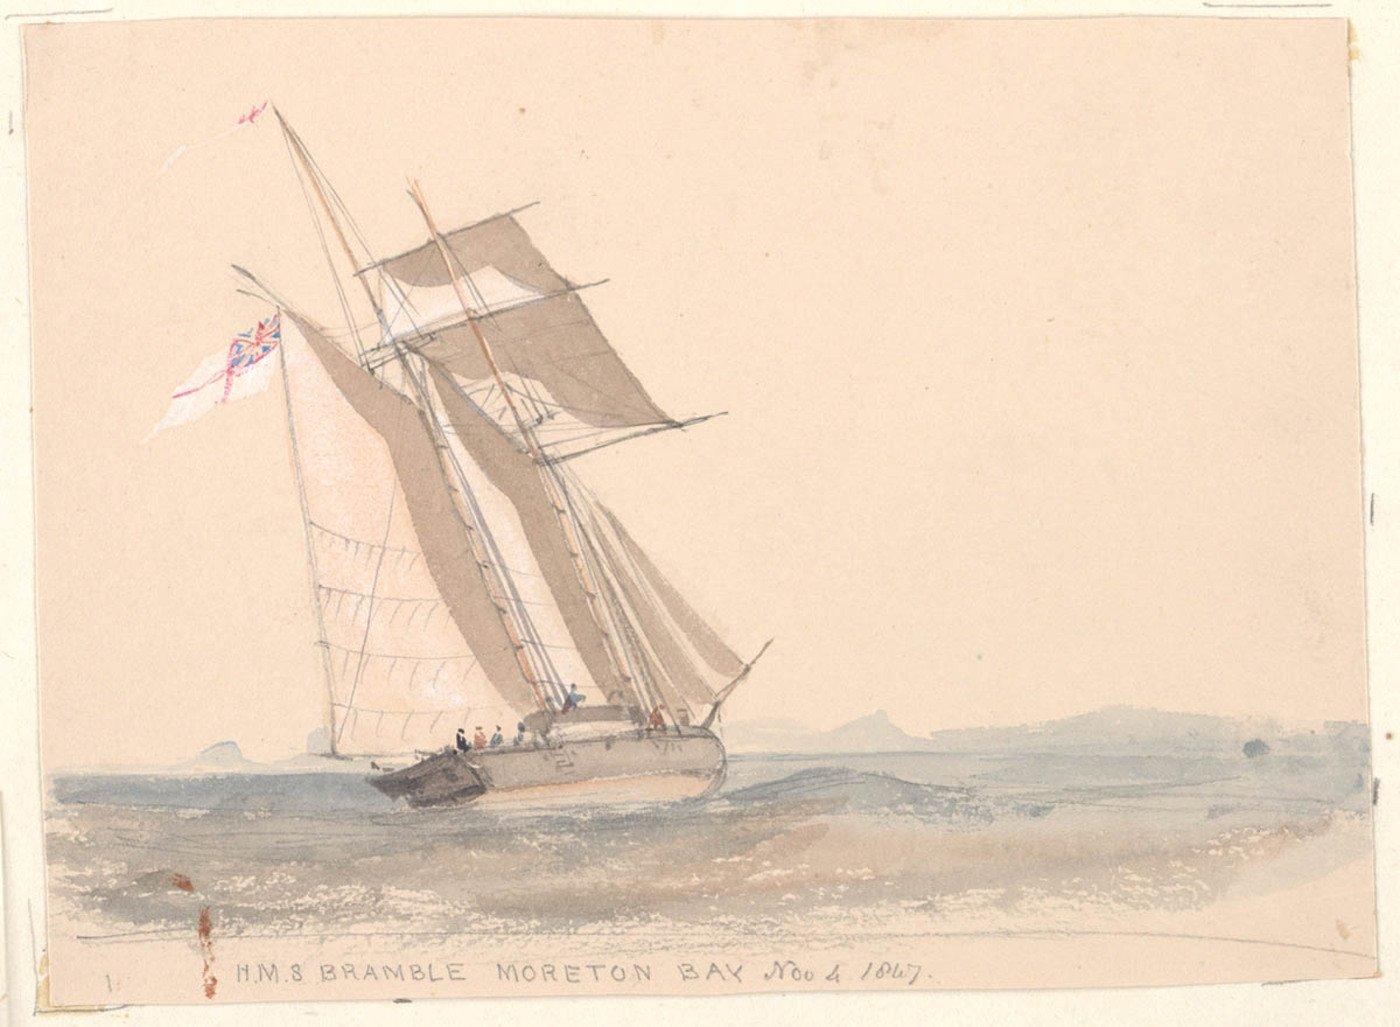 H.M.S. Bramble, Moreton Bay a487117h.jpg